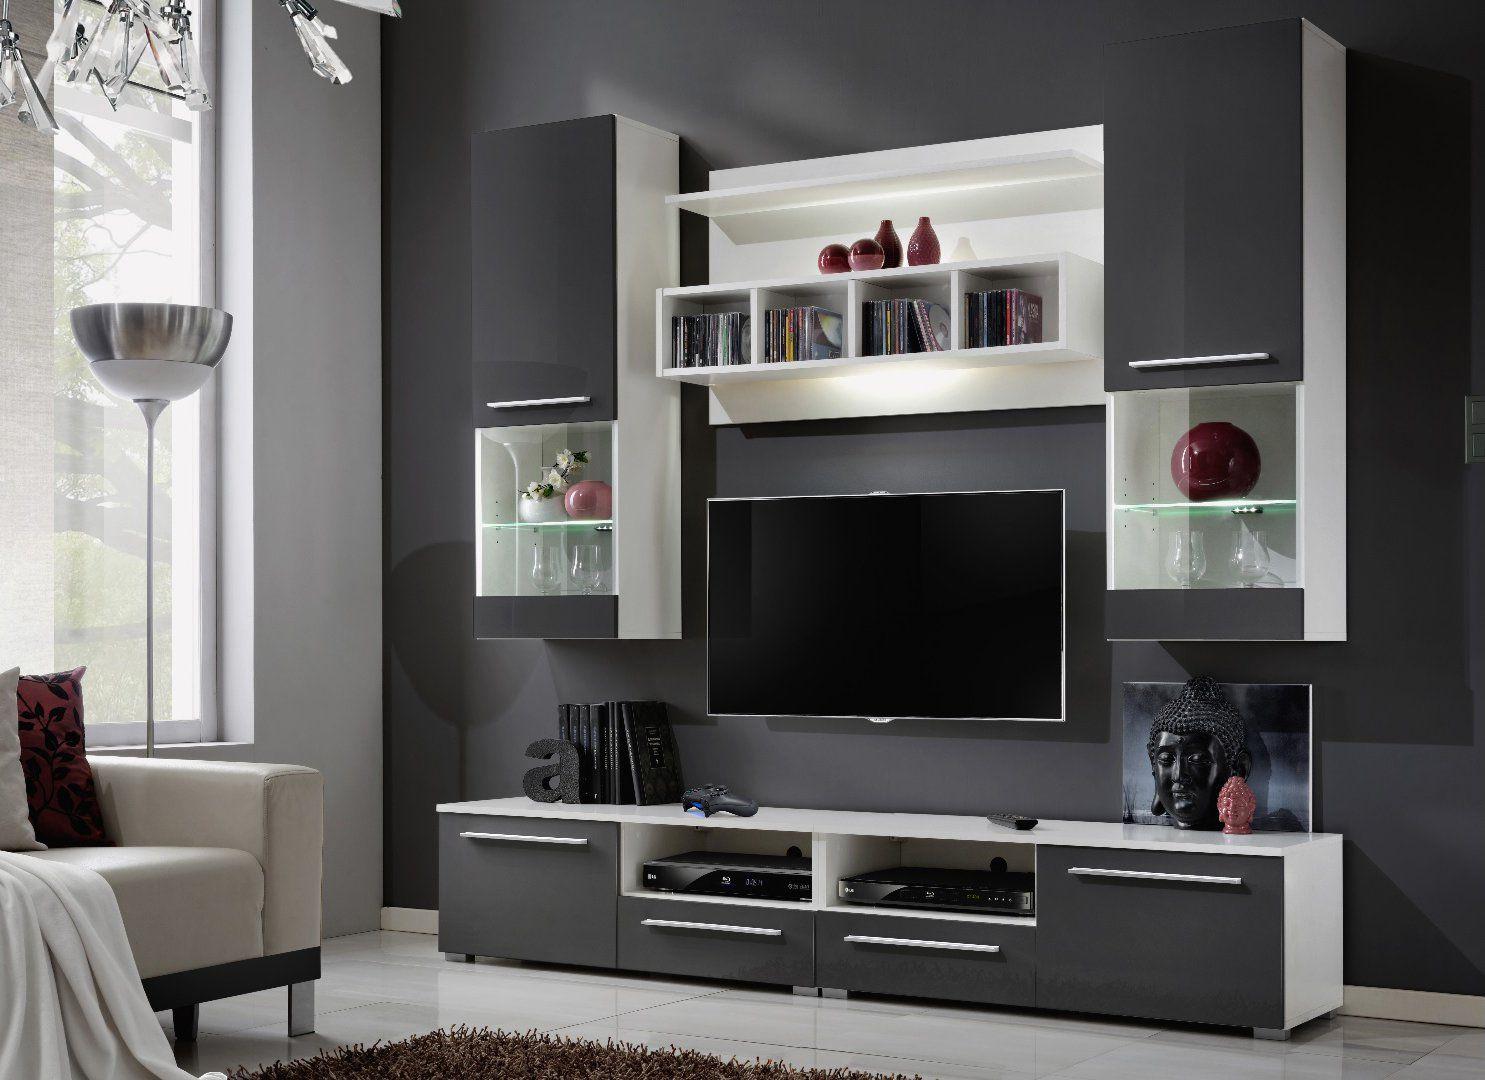 R Sultat De Recherche D Images Pour Combinaison Tv Rangement  # Meuble Tv Integre Cheminee Avec Rangement